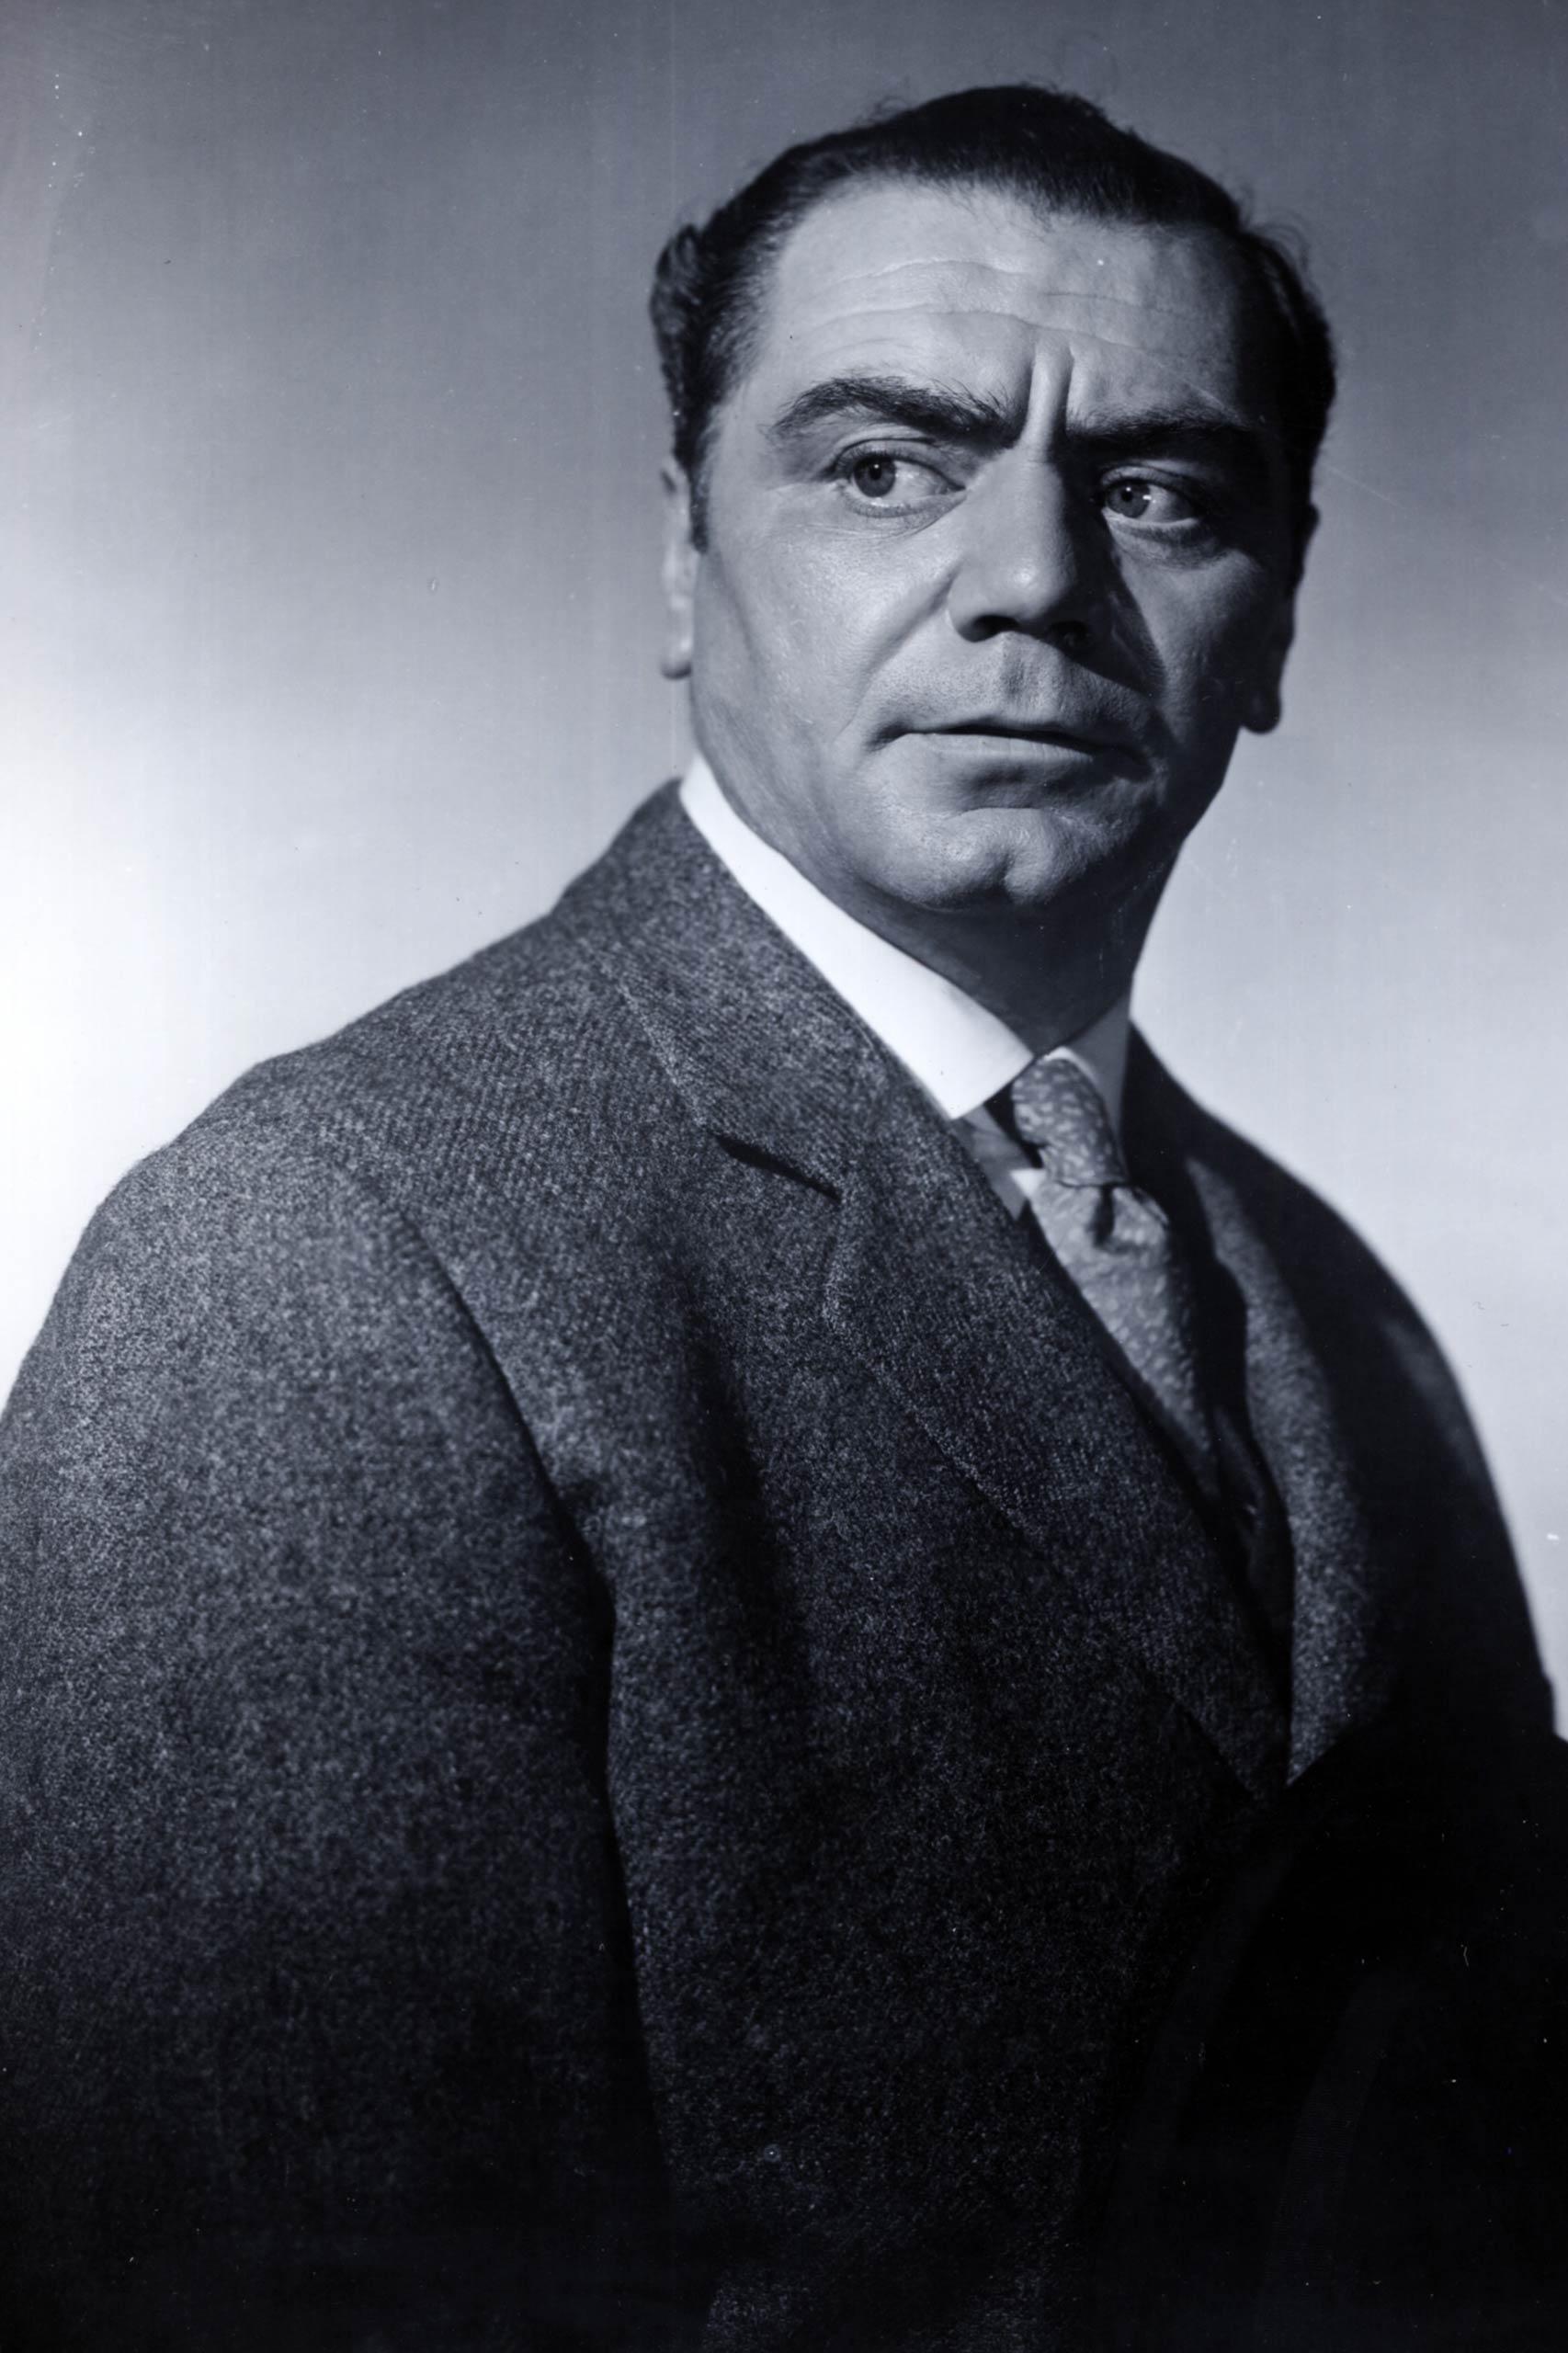 <strong>1956: Ernest Borgnine - <i>Marty</i></strong>